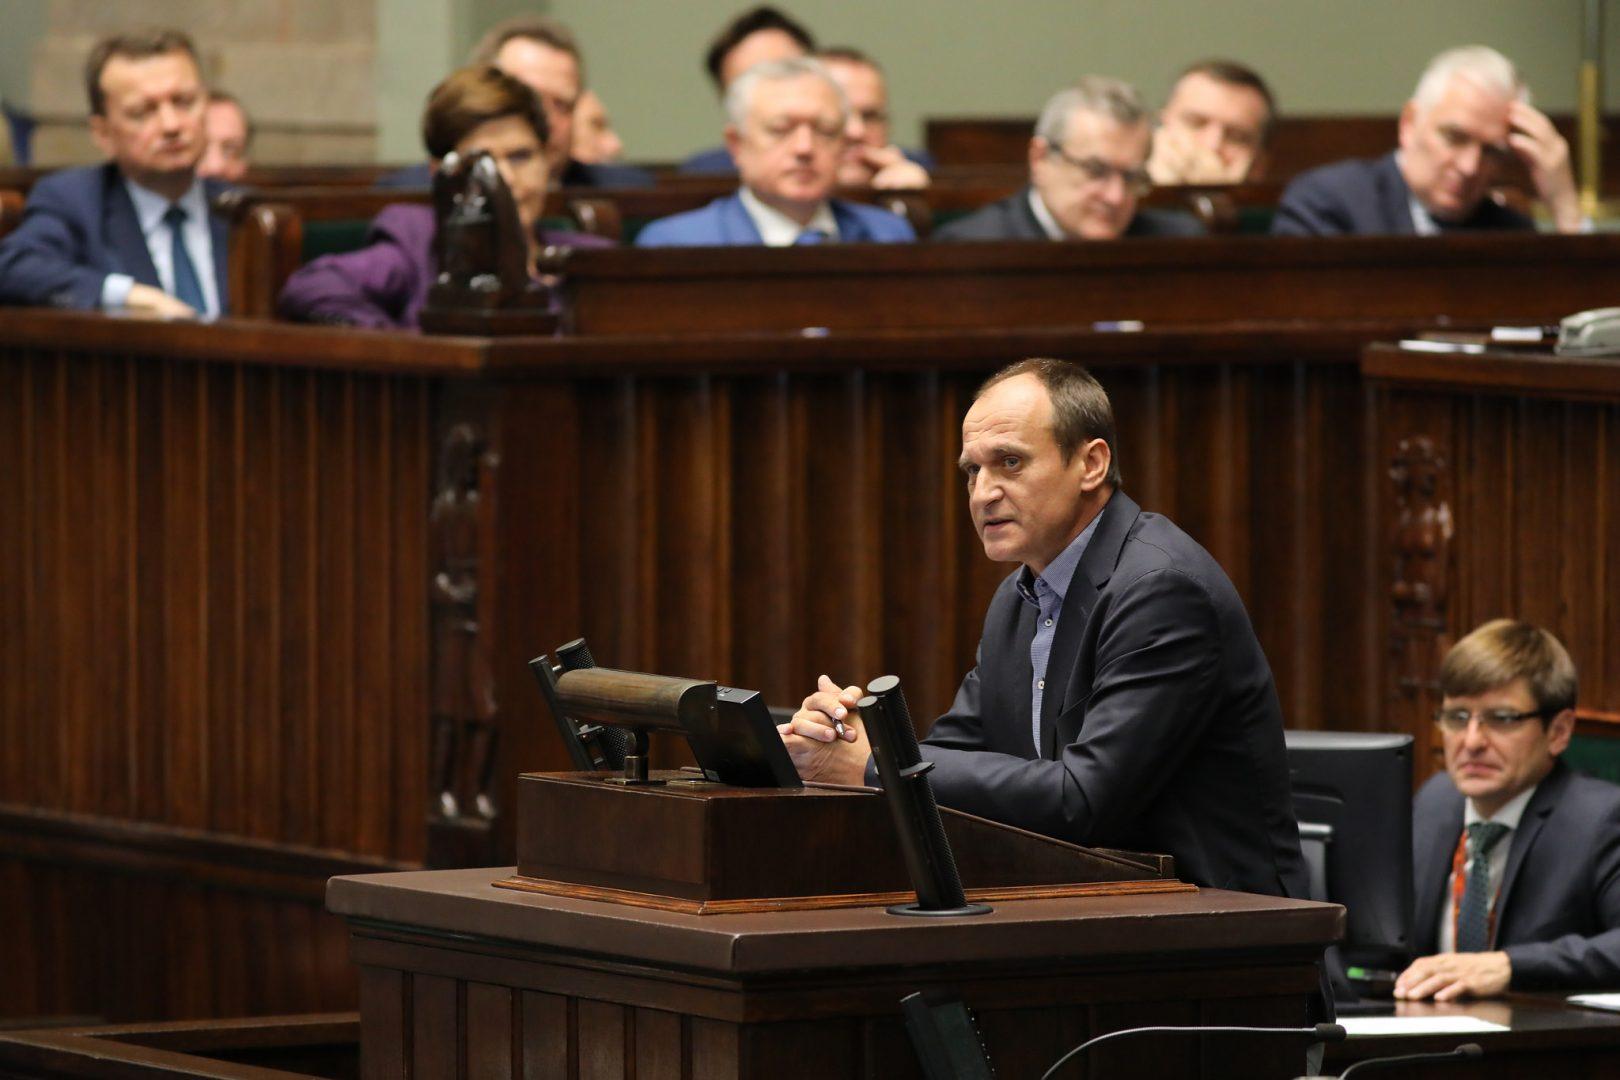 Paweł Kukiz/Fot. Rafał Zambrzycki/Kancelaria Sejmu RP/CC BY 2.0/Flickr